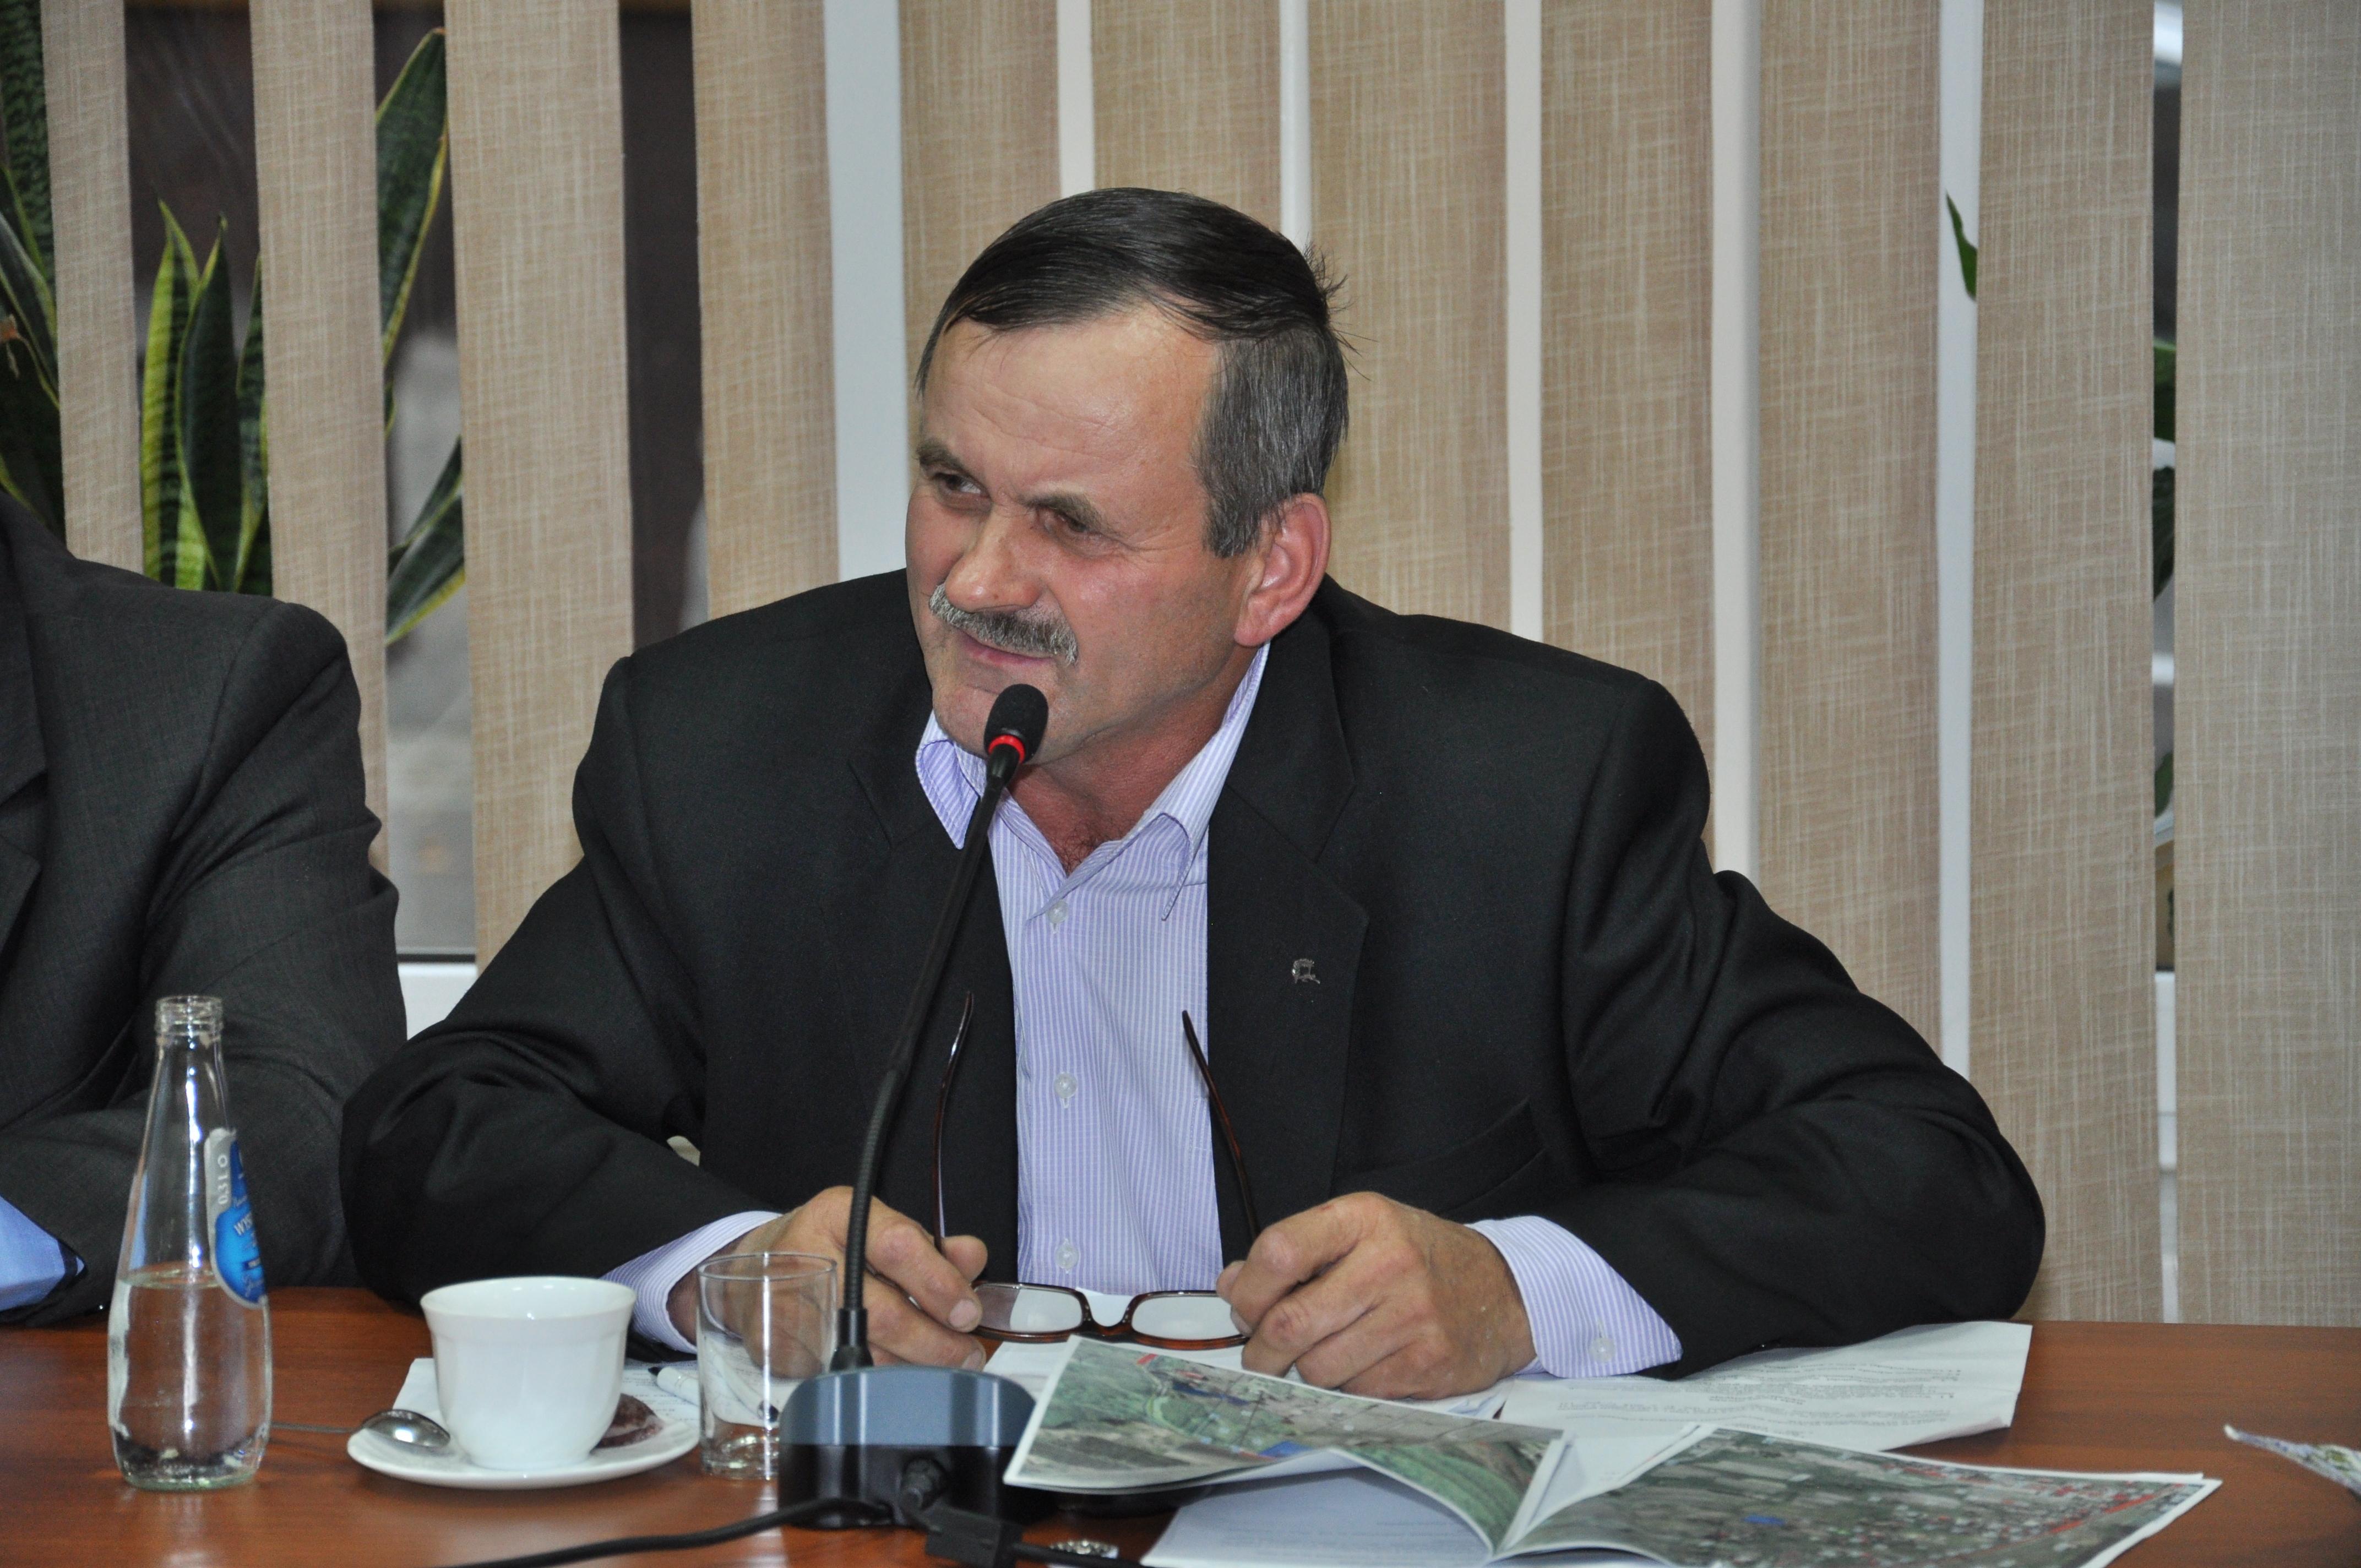 Gmina Niwiska. Radny Chlebowski wstawił się za przewoźnikami i chce dla nich niższych podatków - Zdjęcie główne